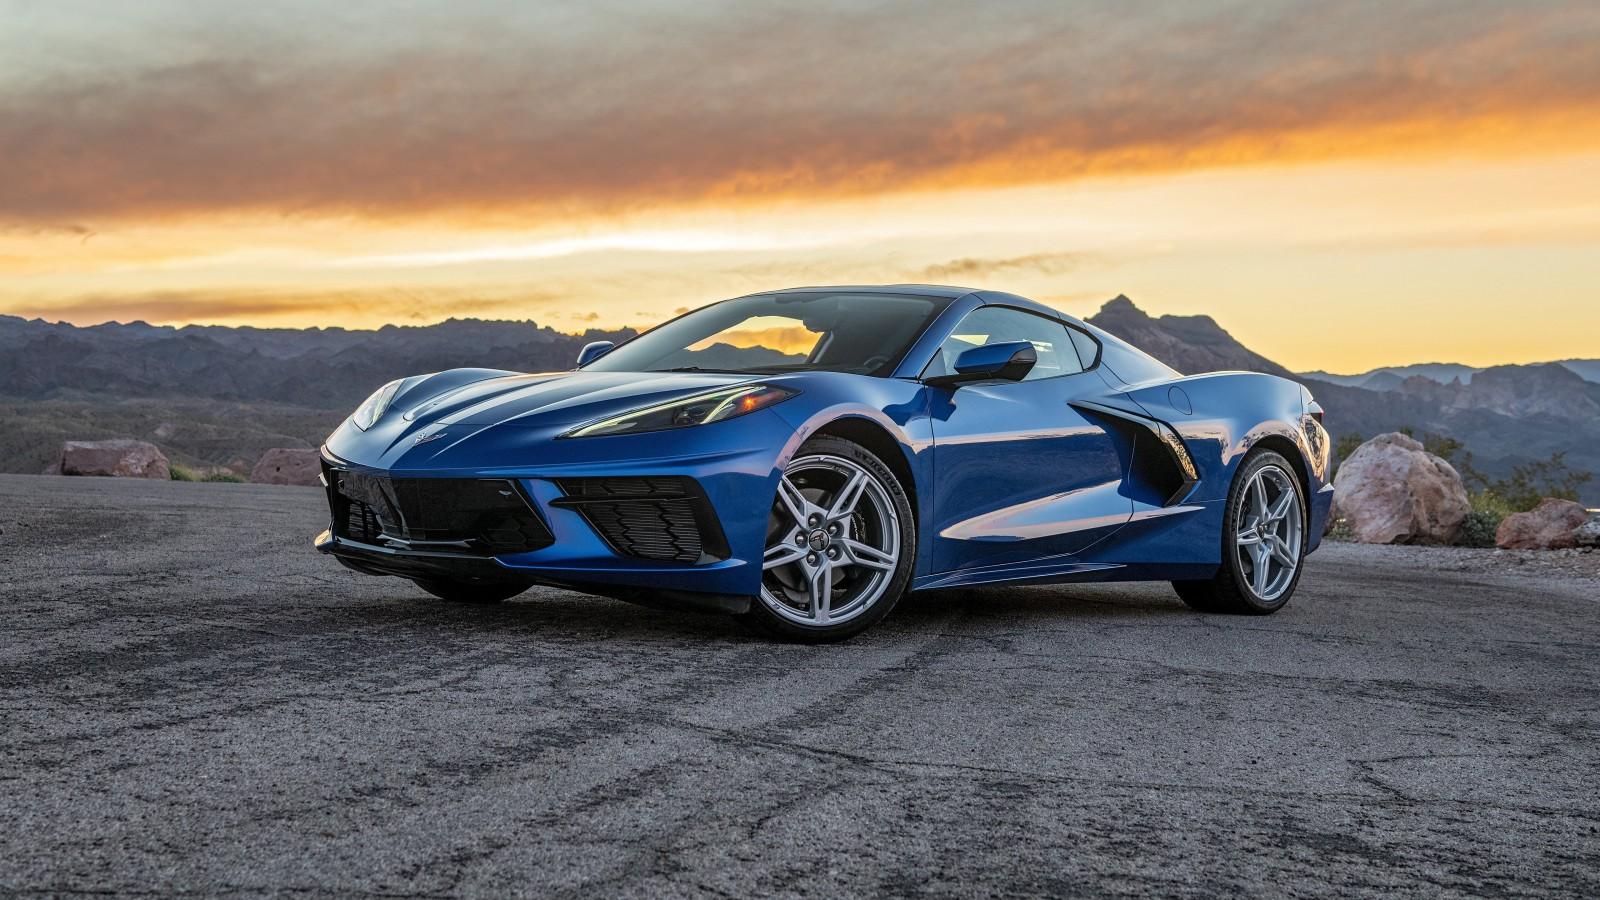 2020 Chevrolet Corvette Stingray 5K Wallpaper   HD Car ...